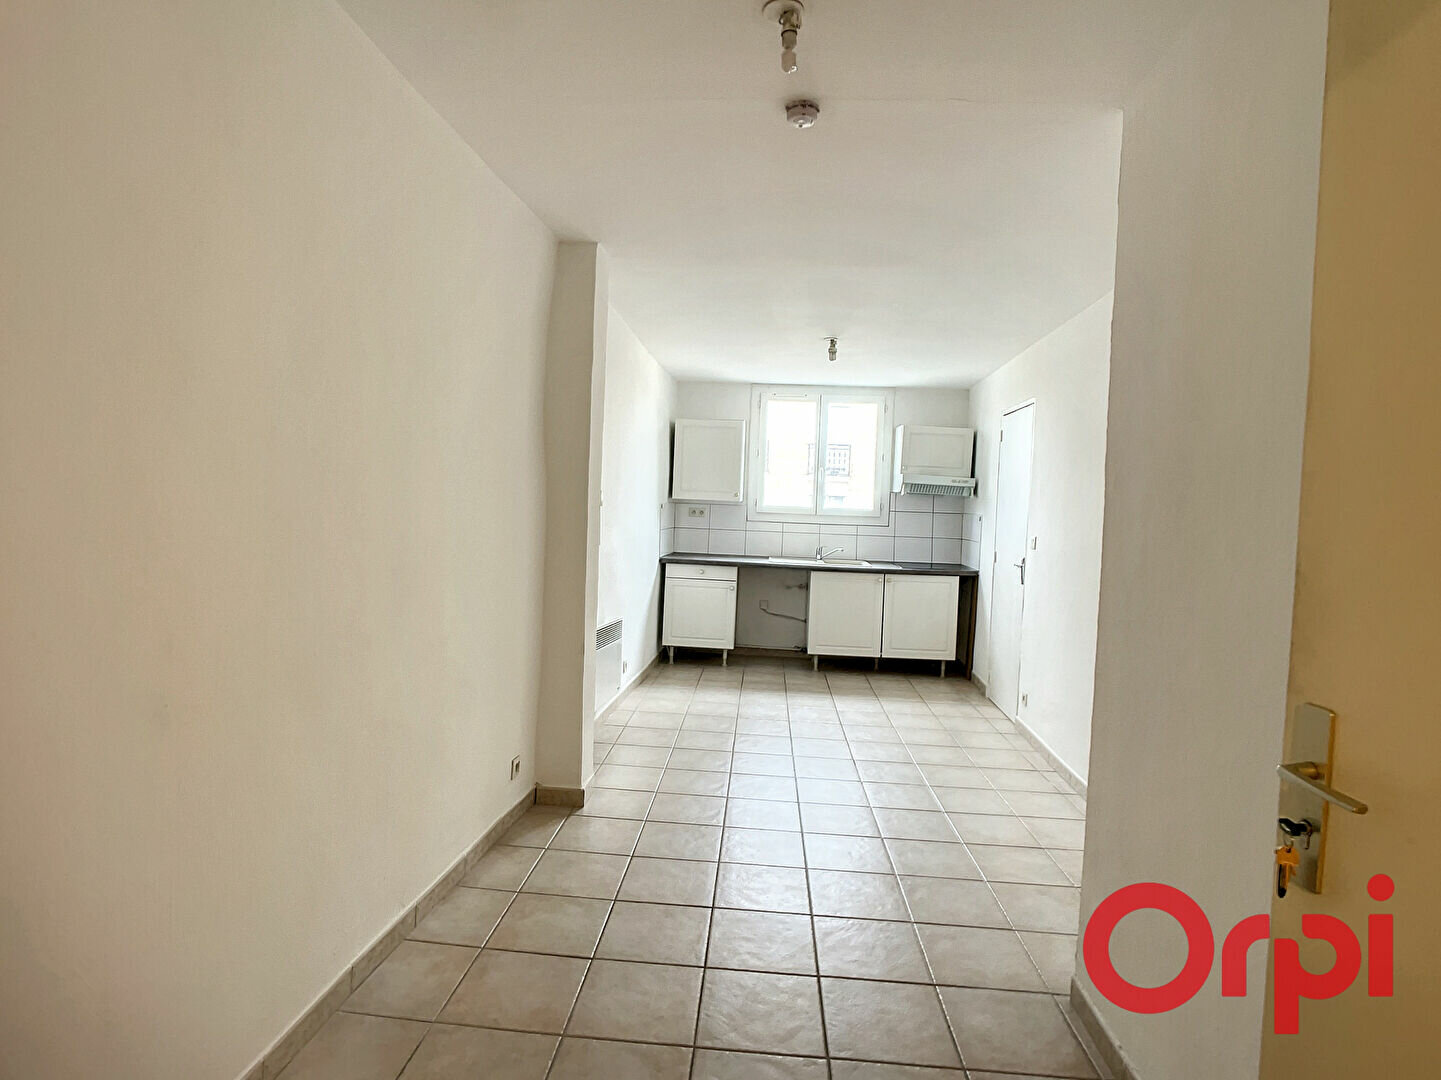 Appartement à louer 1 26.5m2 à Miramas vignette-3